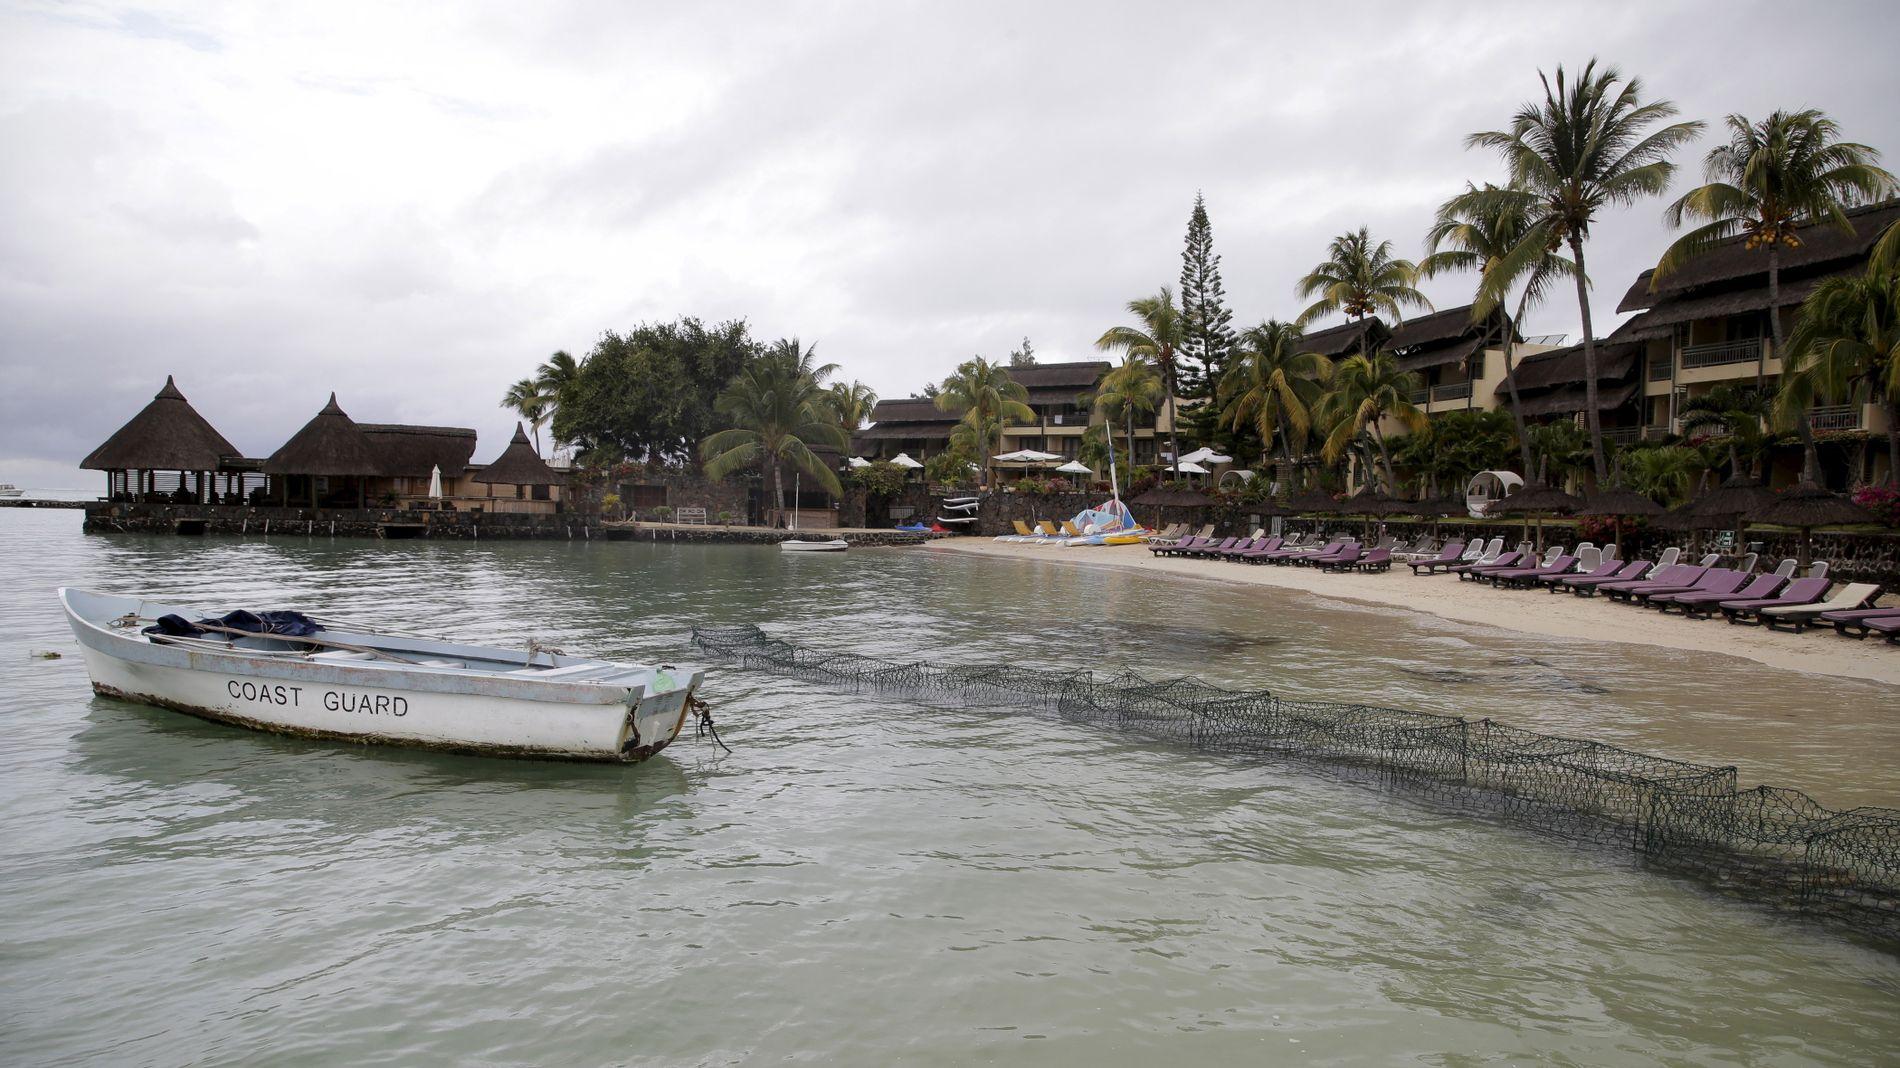 KALLES SKATTEPARADIS: Mauritius rangeres som land nummer 19 ut av 82 på Tax Justice Networks målestokk over graden av hemmelighold. Norfund bruker landet som mellomstasjon for investeringer i fattige land.